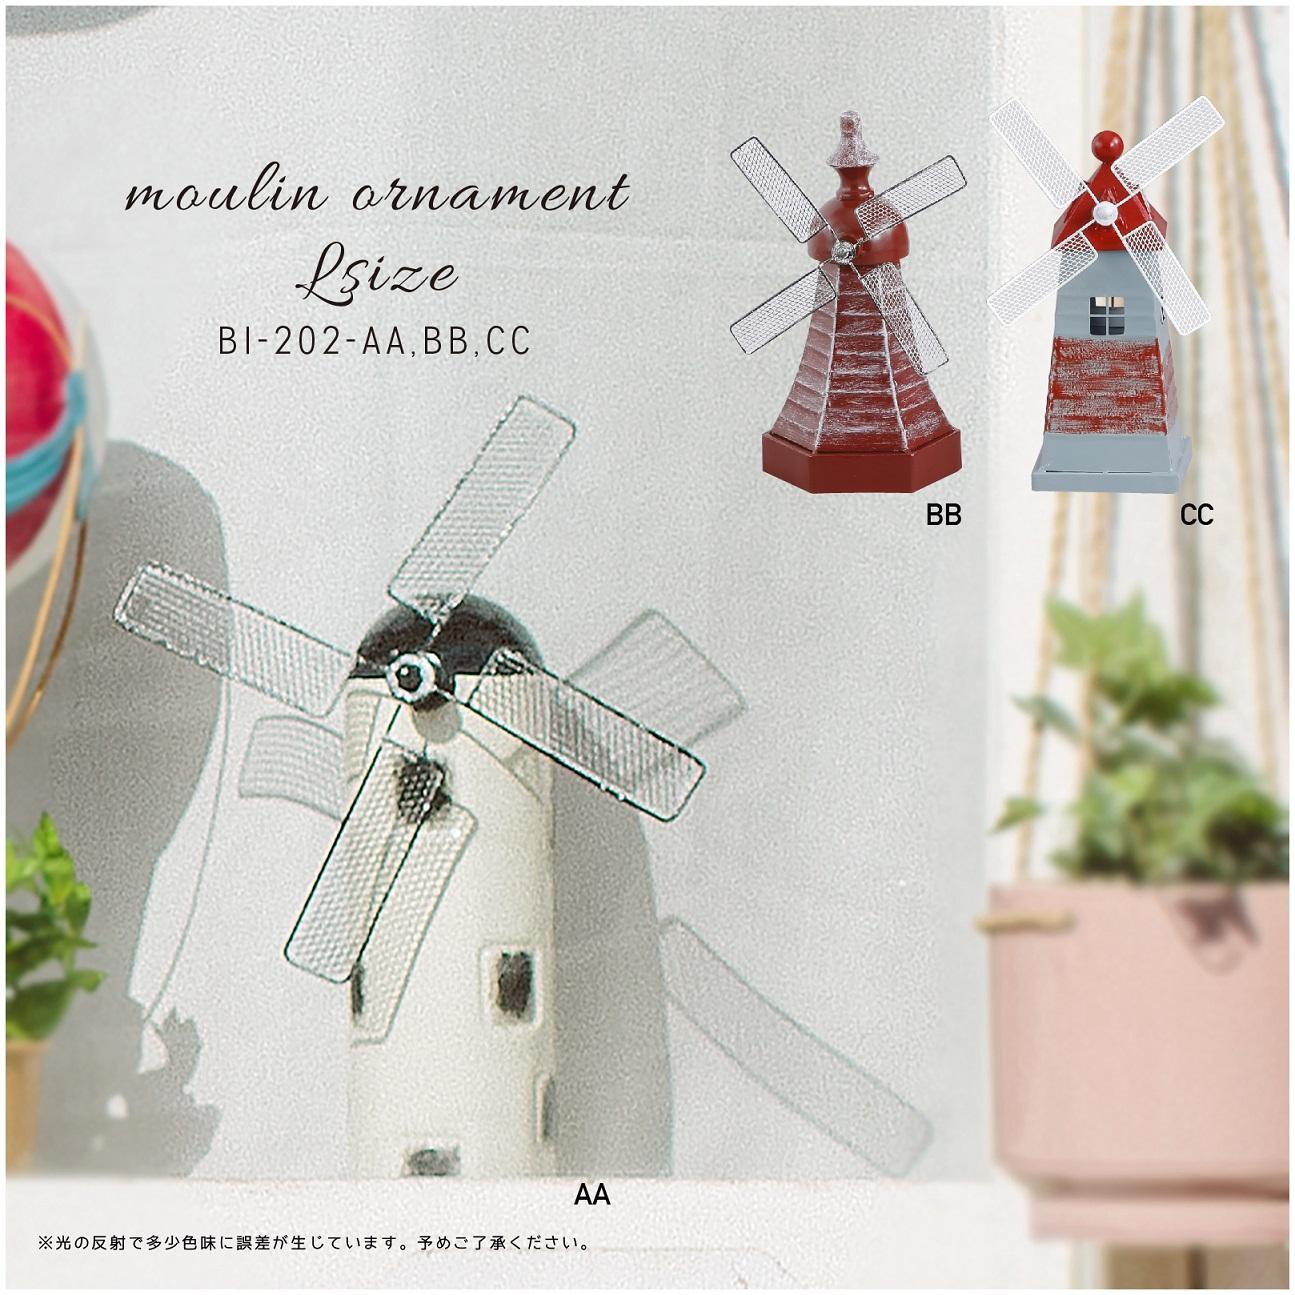 コンパクトで可愛いミニチュアの風車【ムーラン・オーナメント・L】